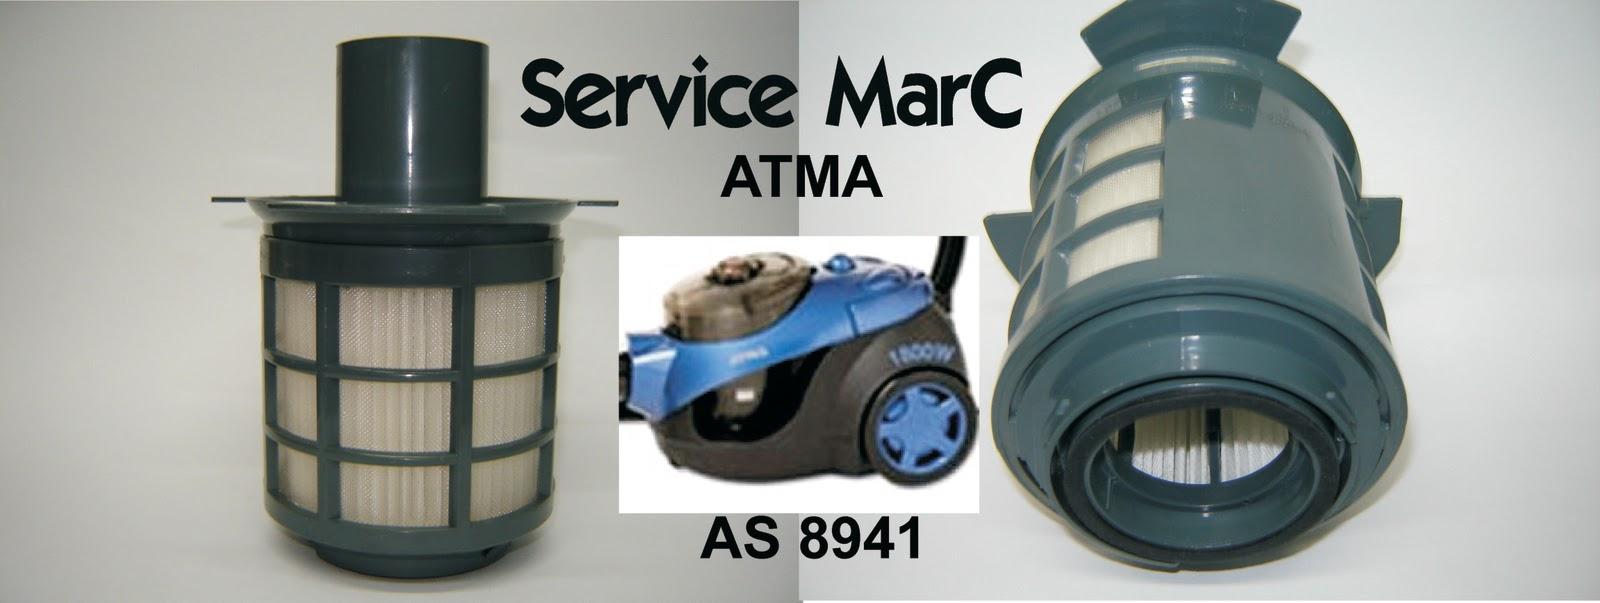 Service marc repuestos filtro hepa de aspiradora atma for Aspiradora con filtro hepa